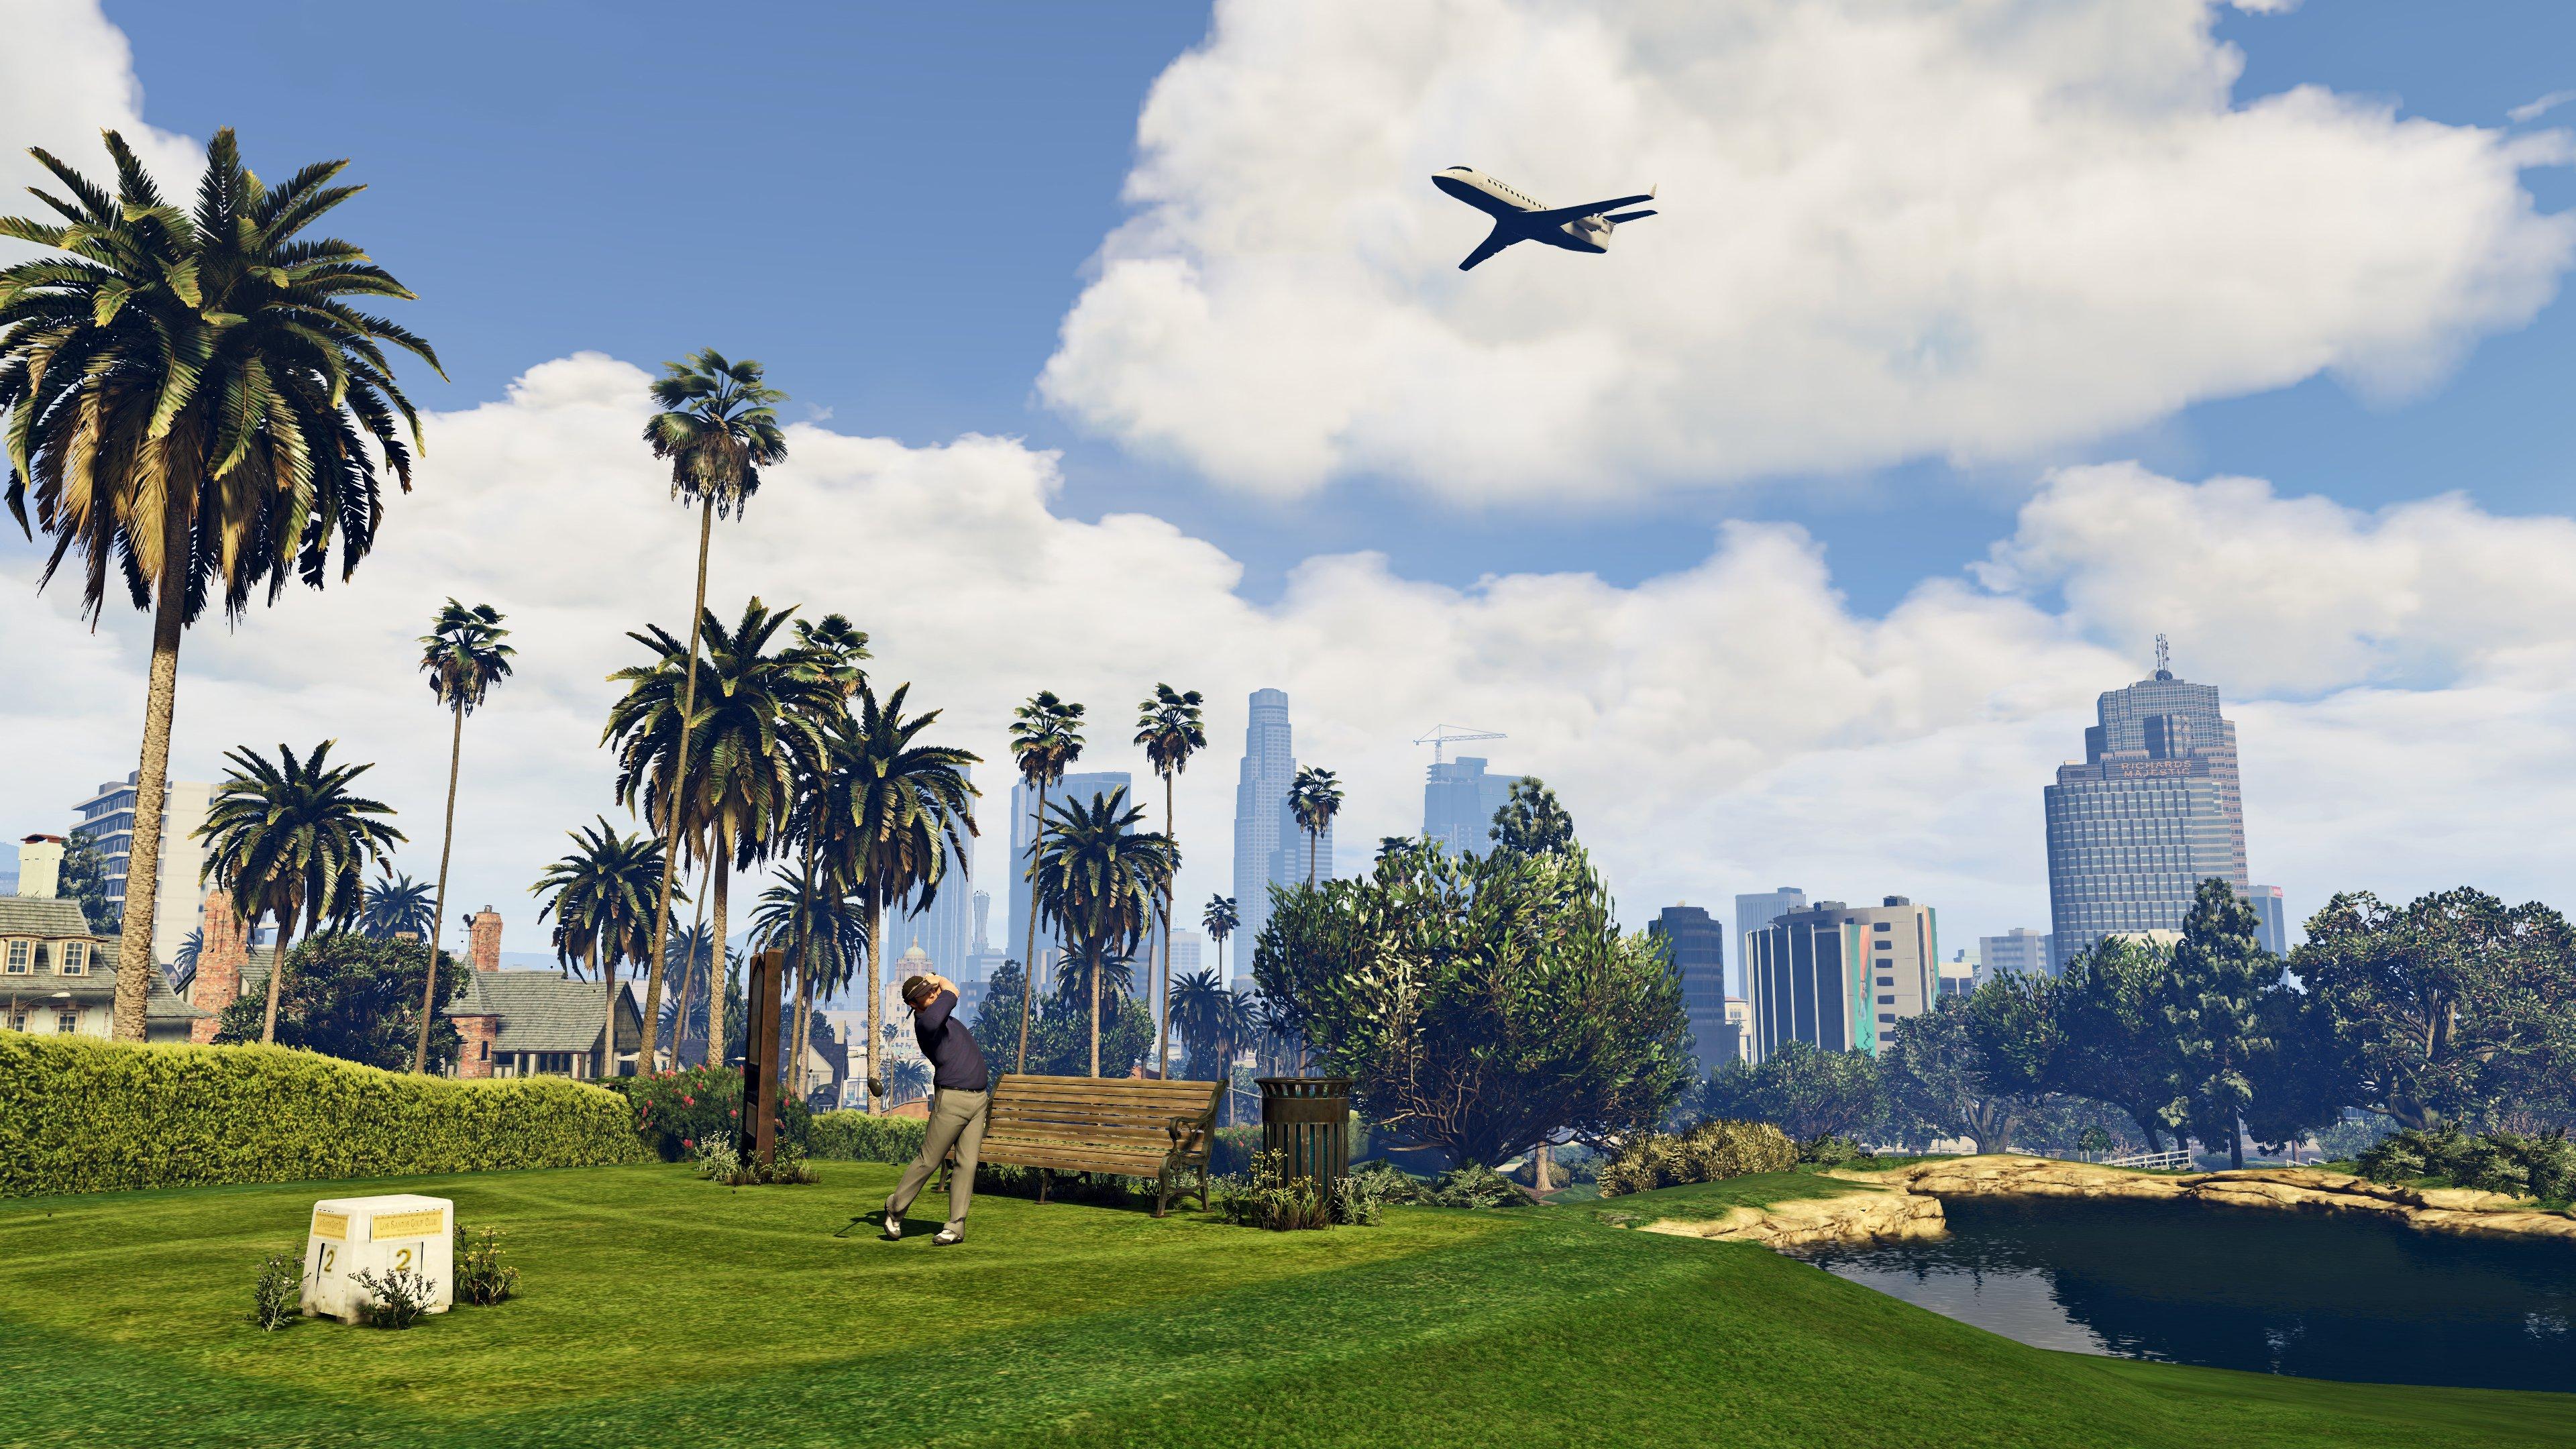 Rockstar показала новые скриншоты PC версии GTA V - Изображение 4